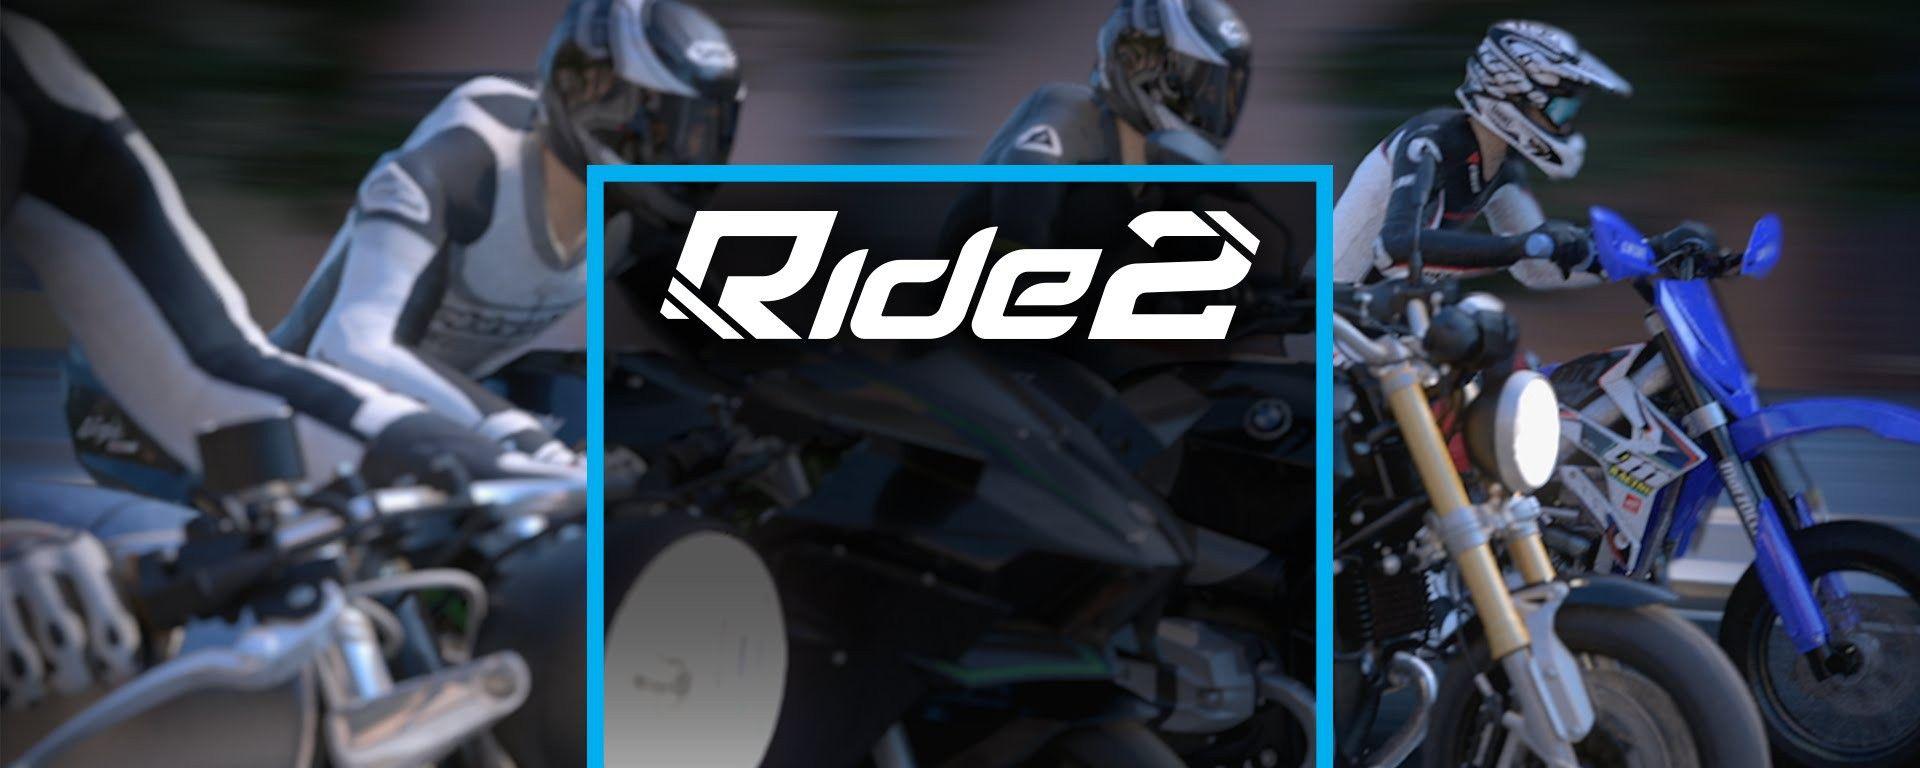 Ride 2 - 30 circuiti, 600 livree e 1200 componenti per il tuning della vostra moto